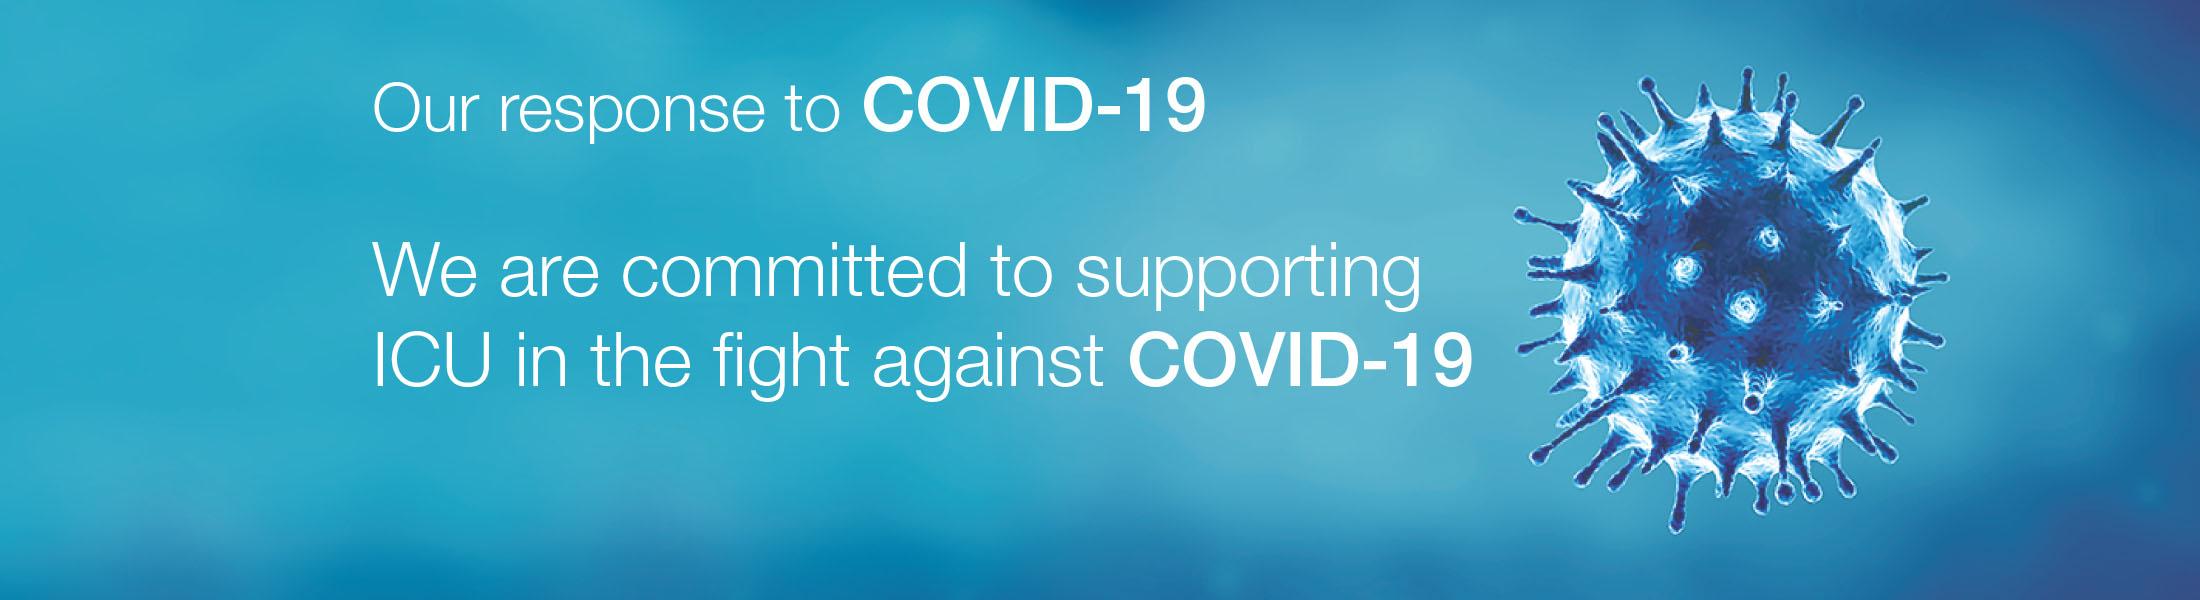 COVID-19 ICU BANNER original